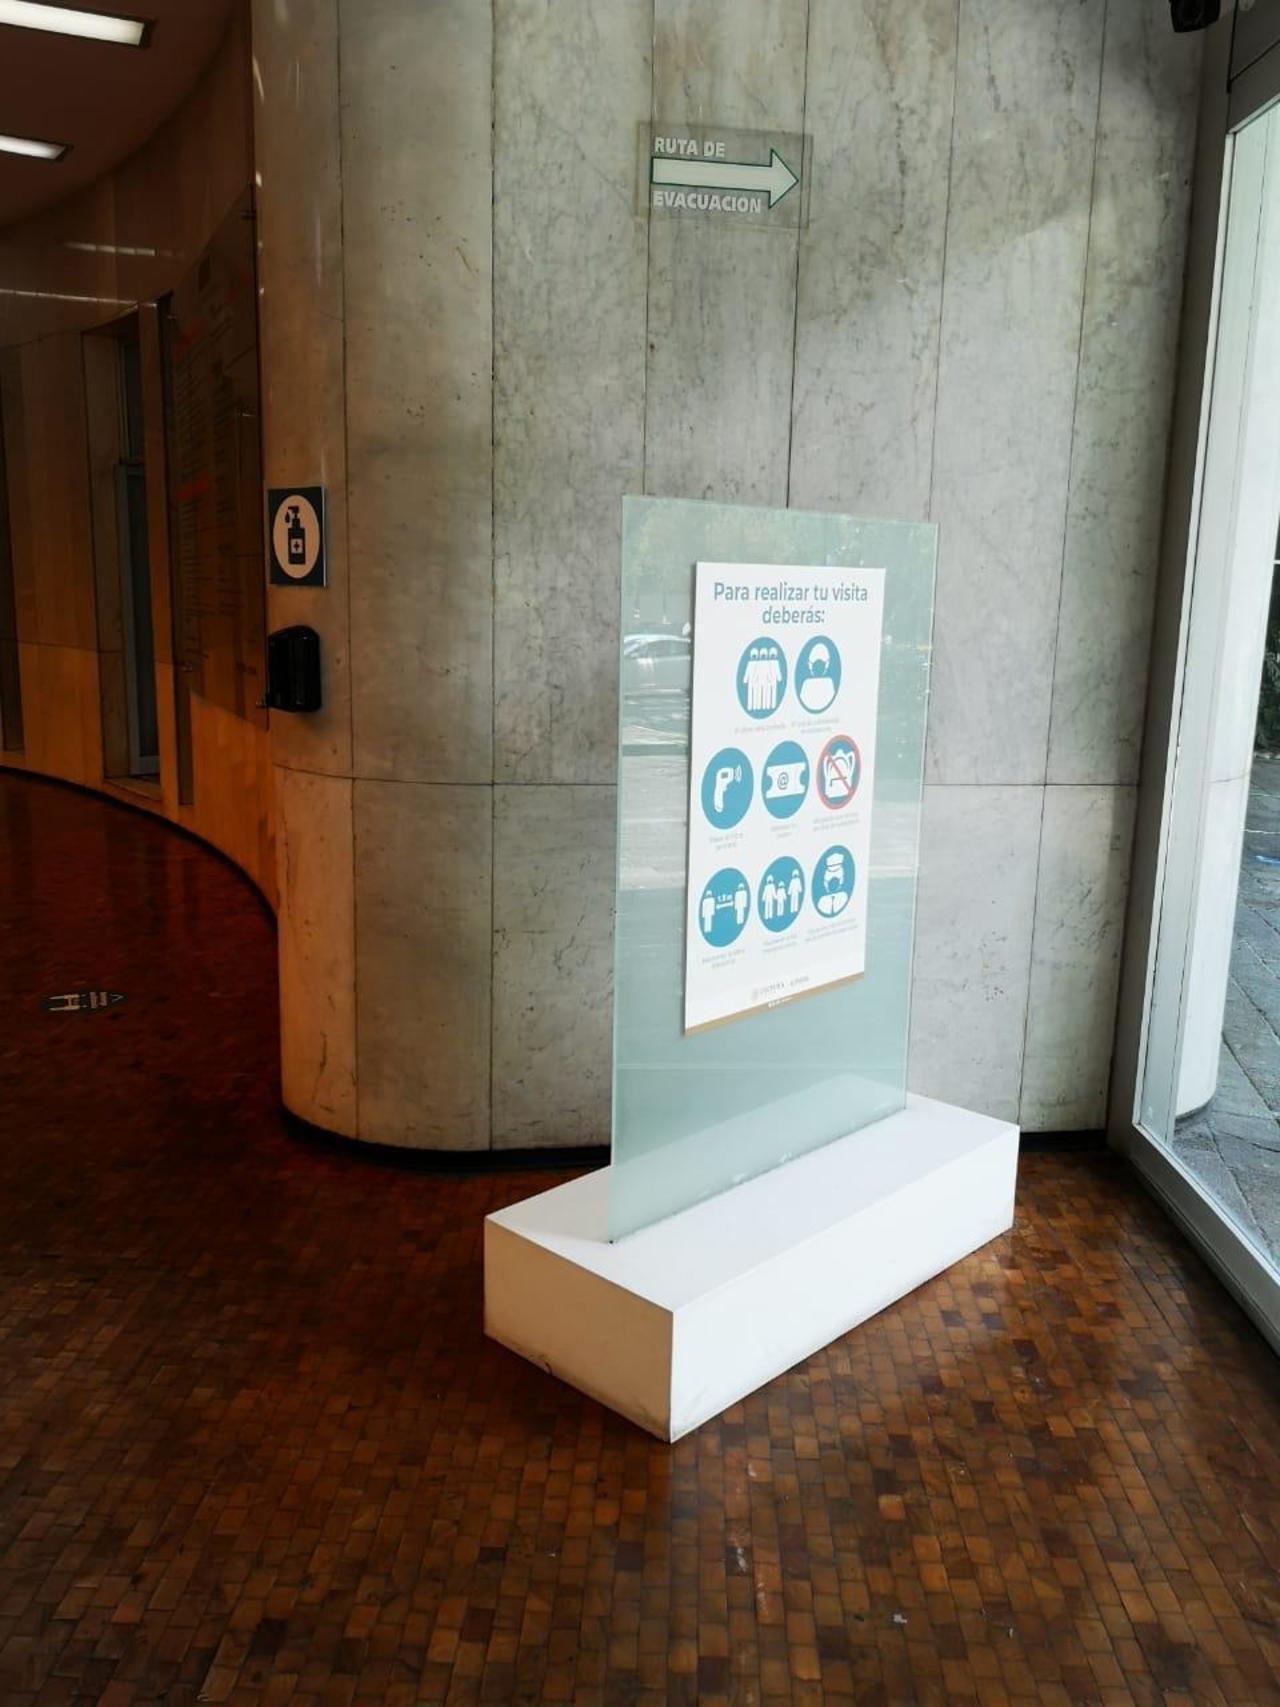 Museo de Arte Moderno continúa con protocolos